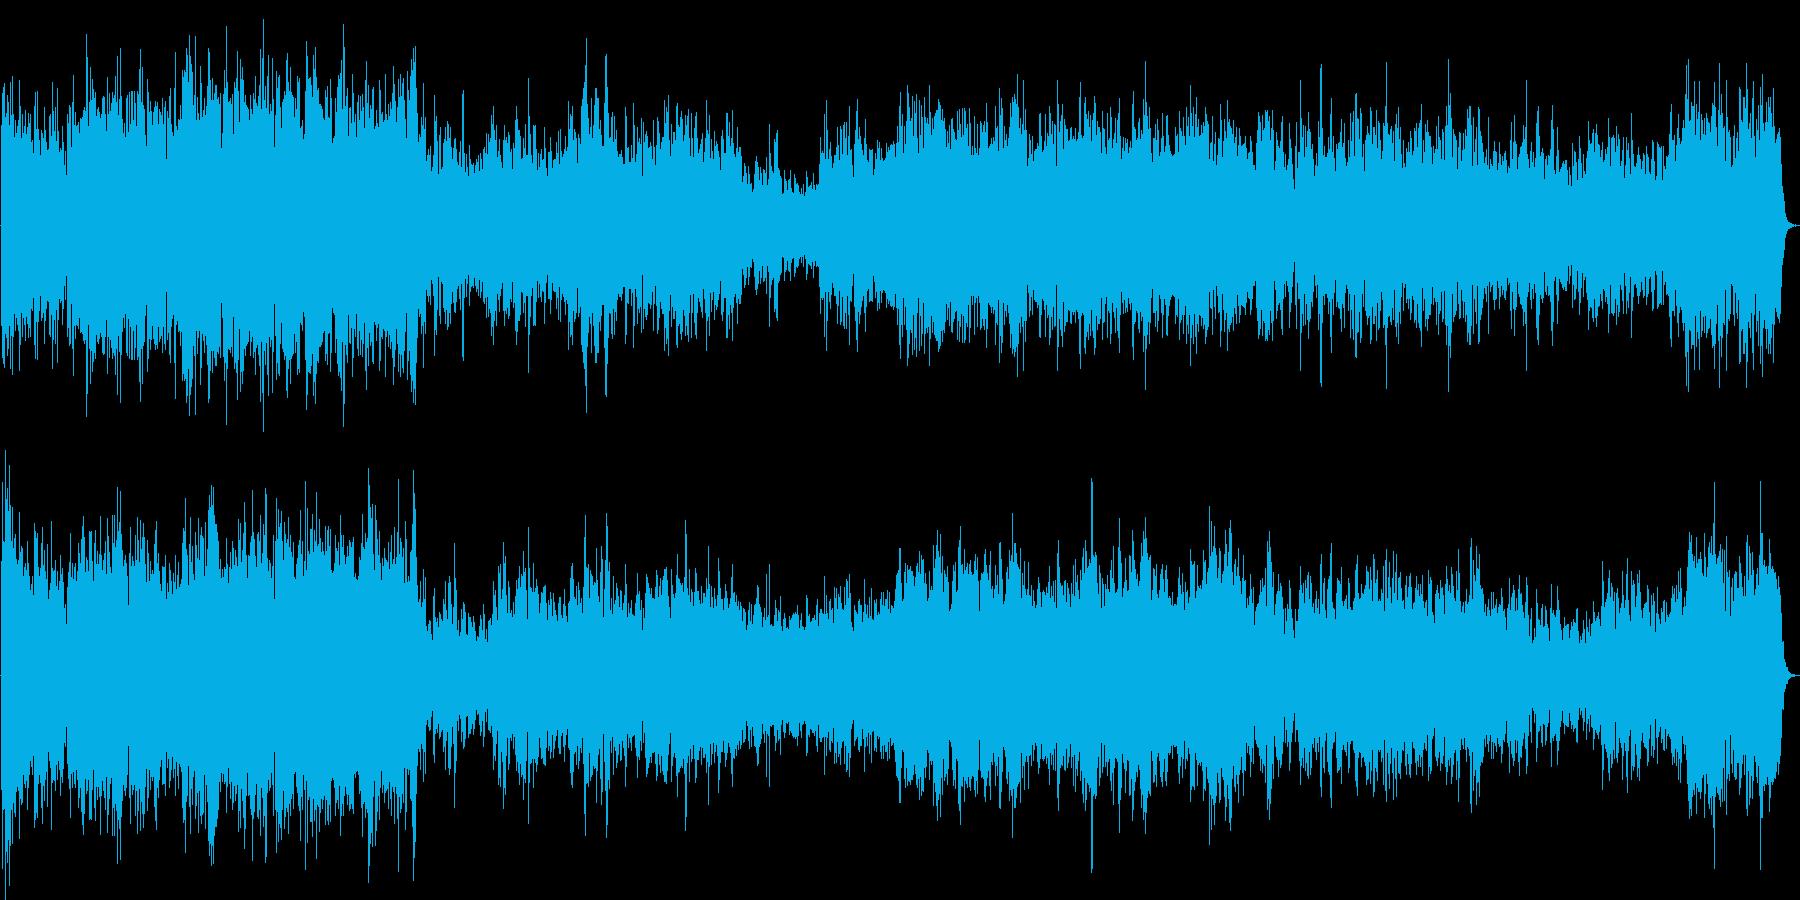 ピアノ2台の豪華な曲・1楽章(バッハ)の再生済みの波形